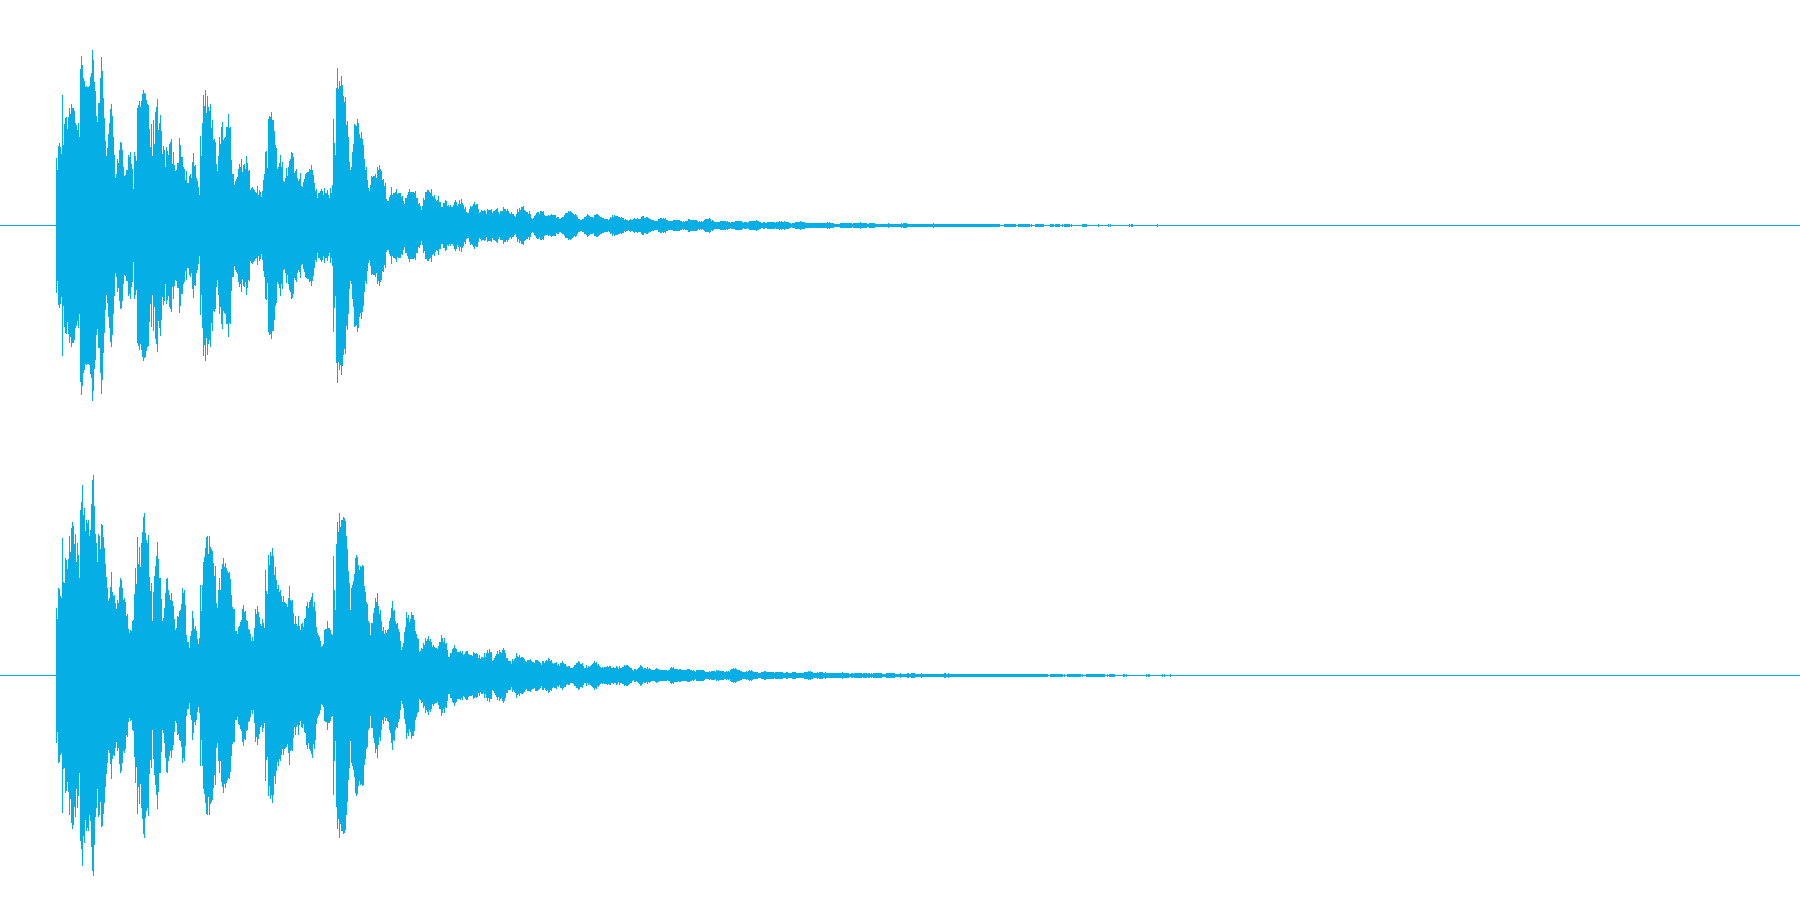 キラキラ系アイキャッチ1の再生済みの波形